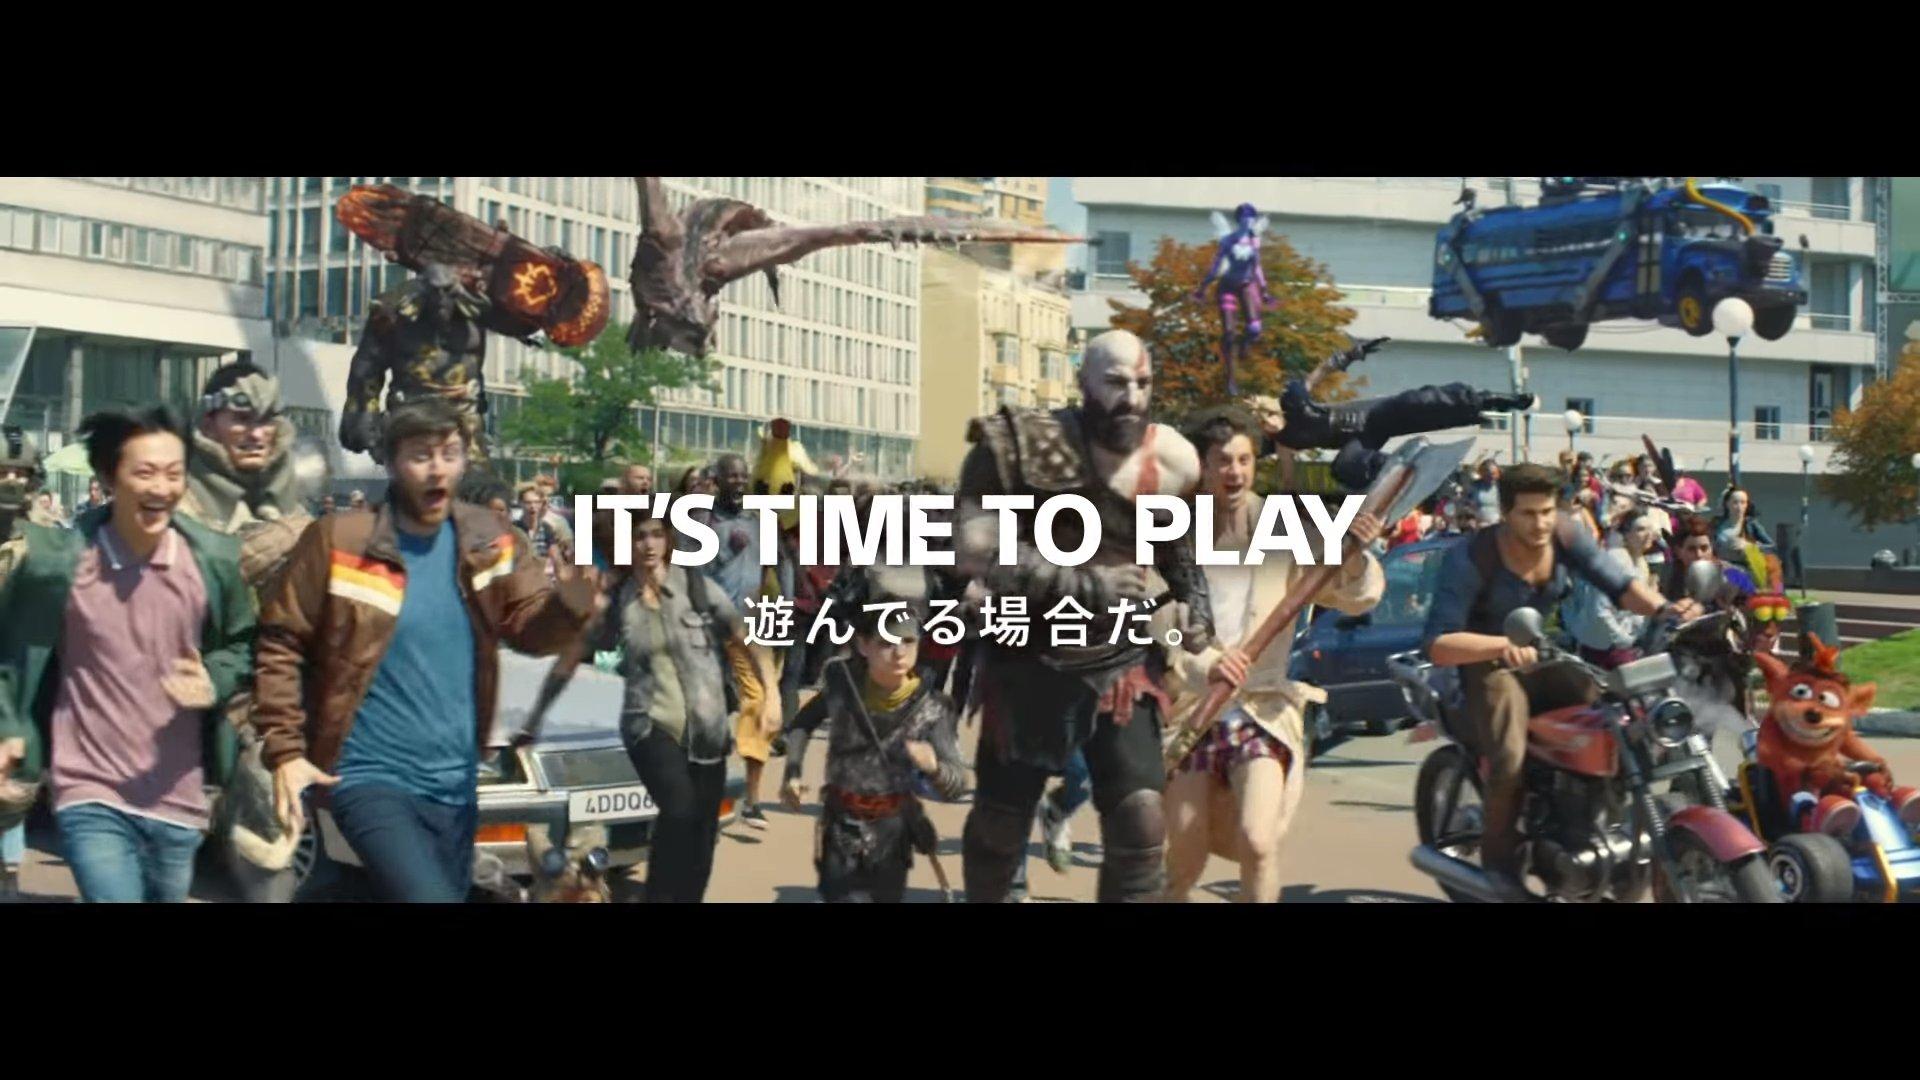 【朗報】ファミ通「年末年始に遊ぶオススメハードはPS4で決まり!」